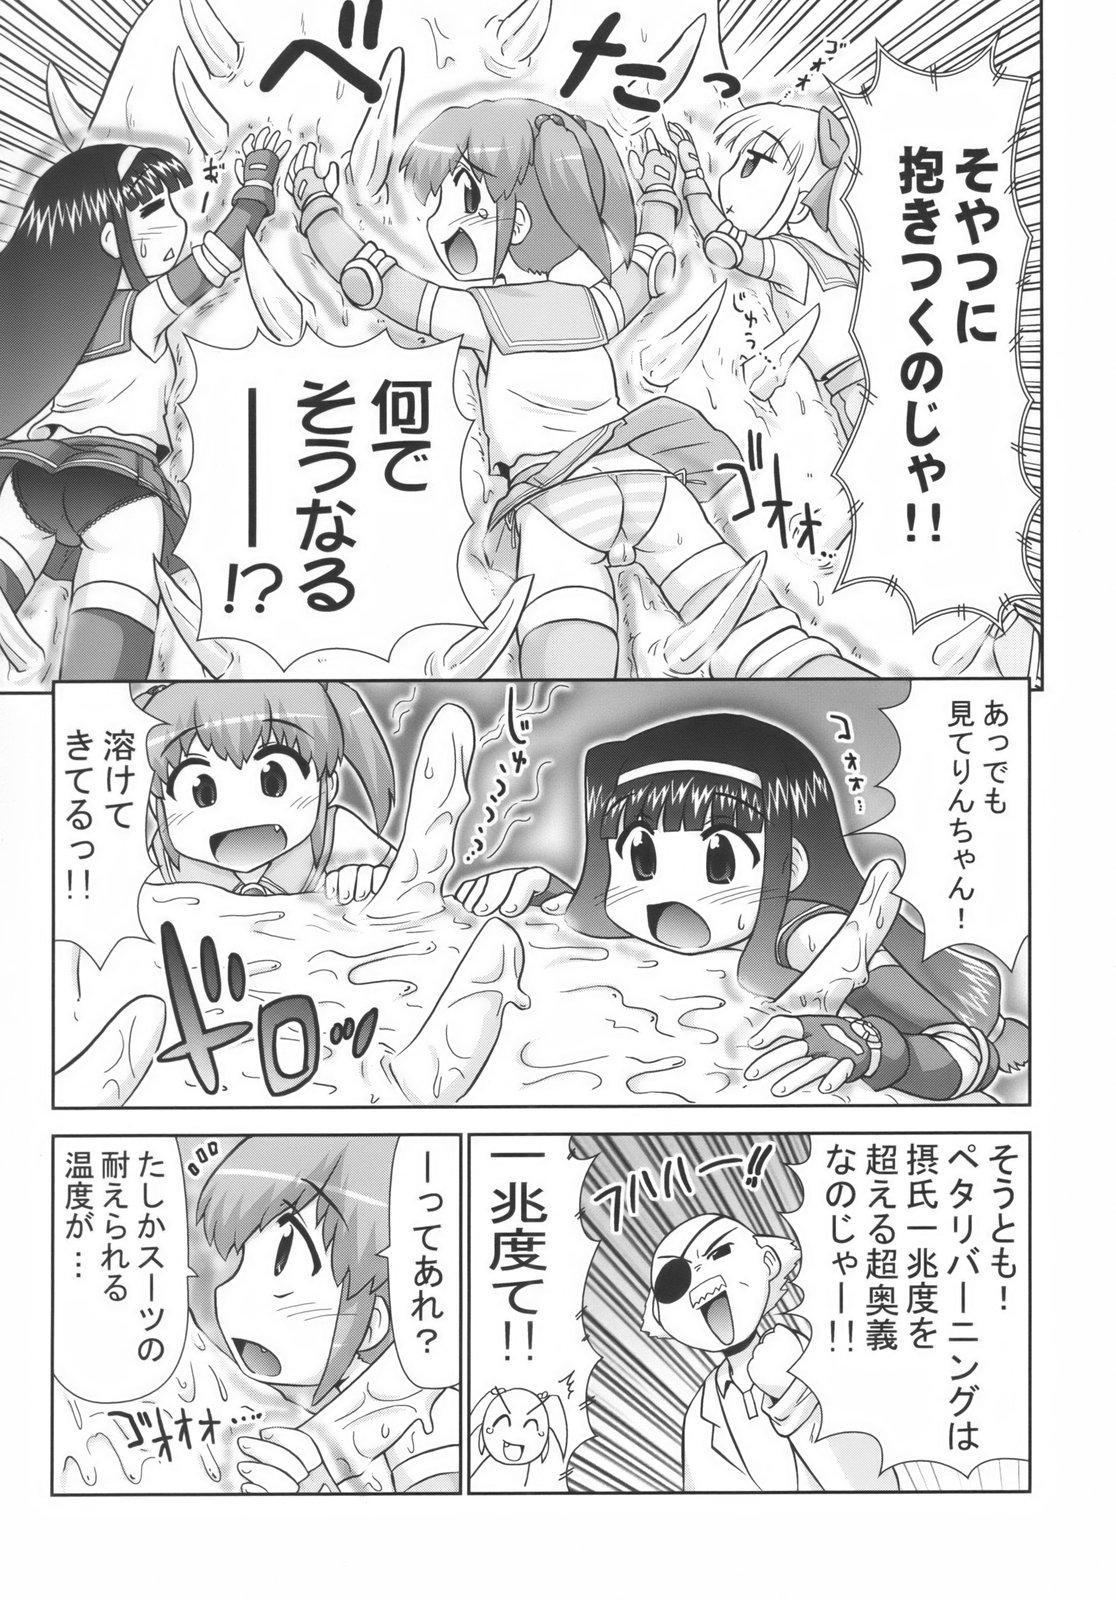 Bishoujo Sentai Petalicon gaiden 15